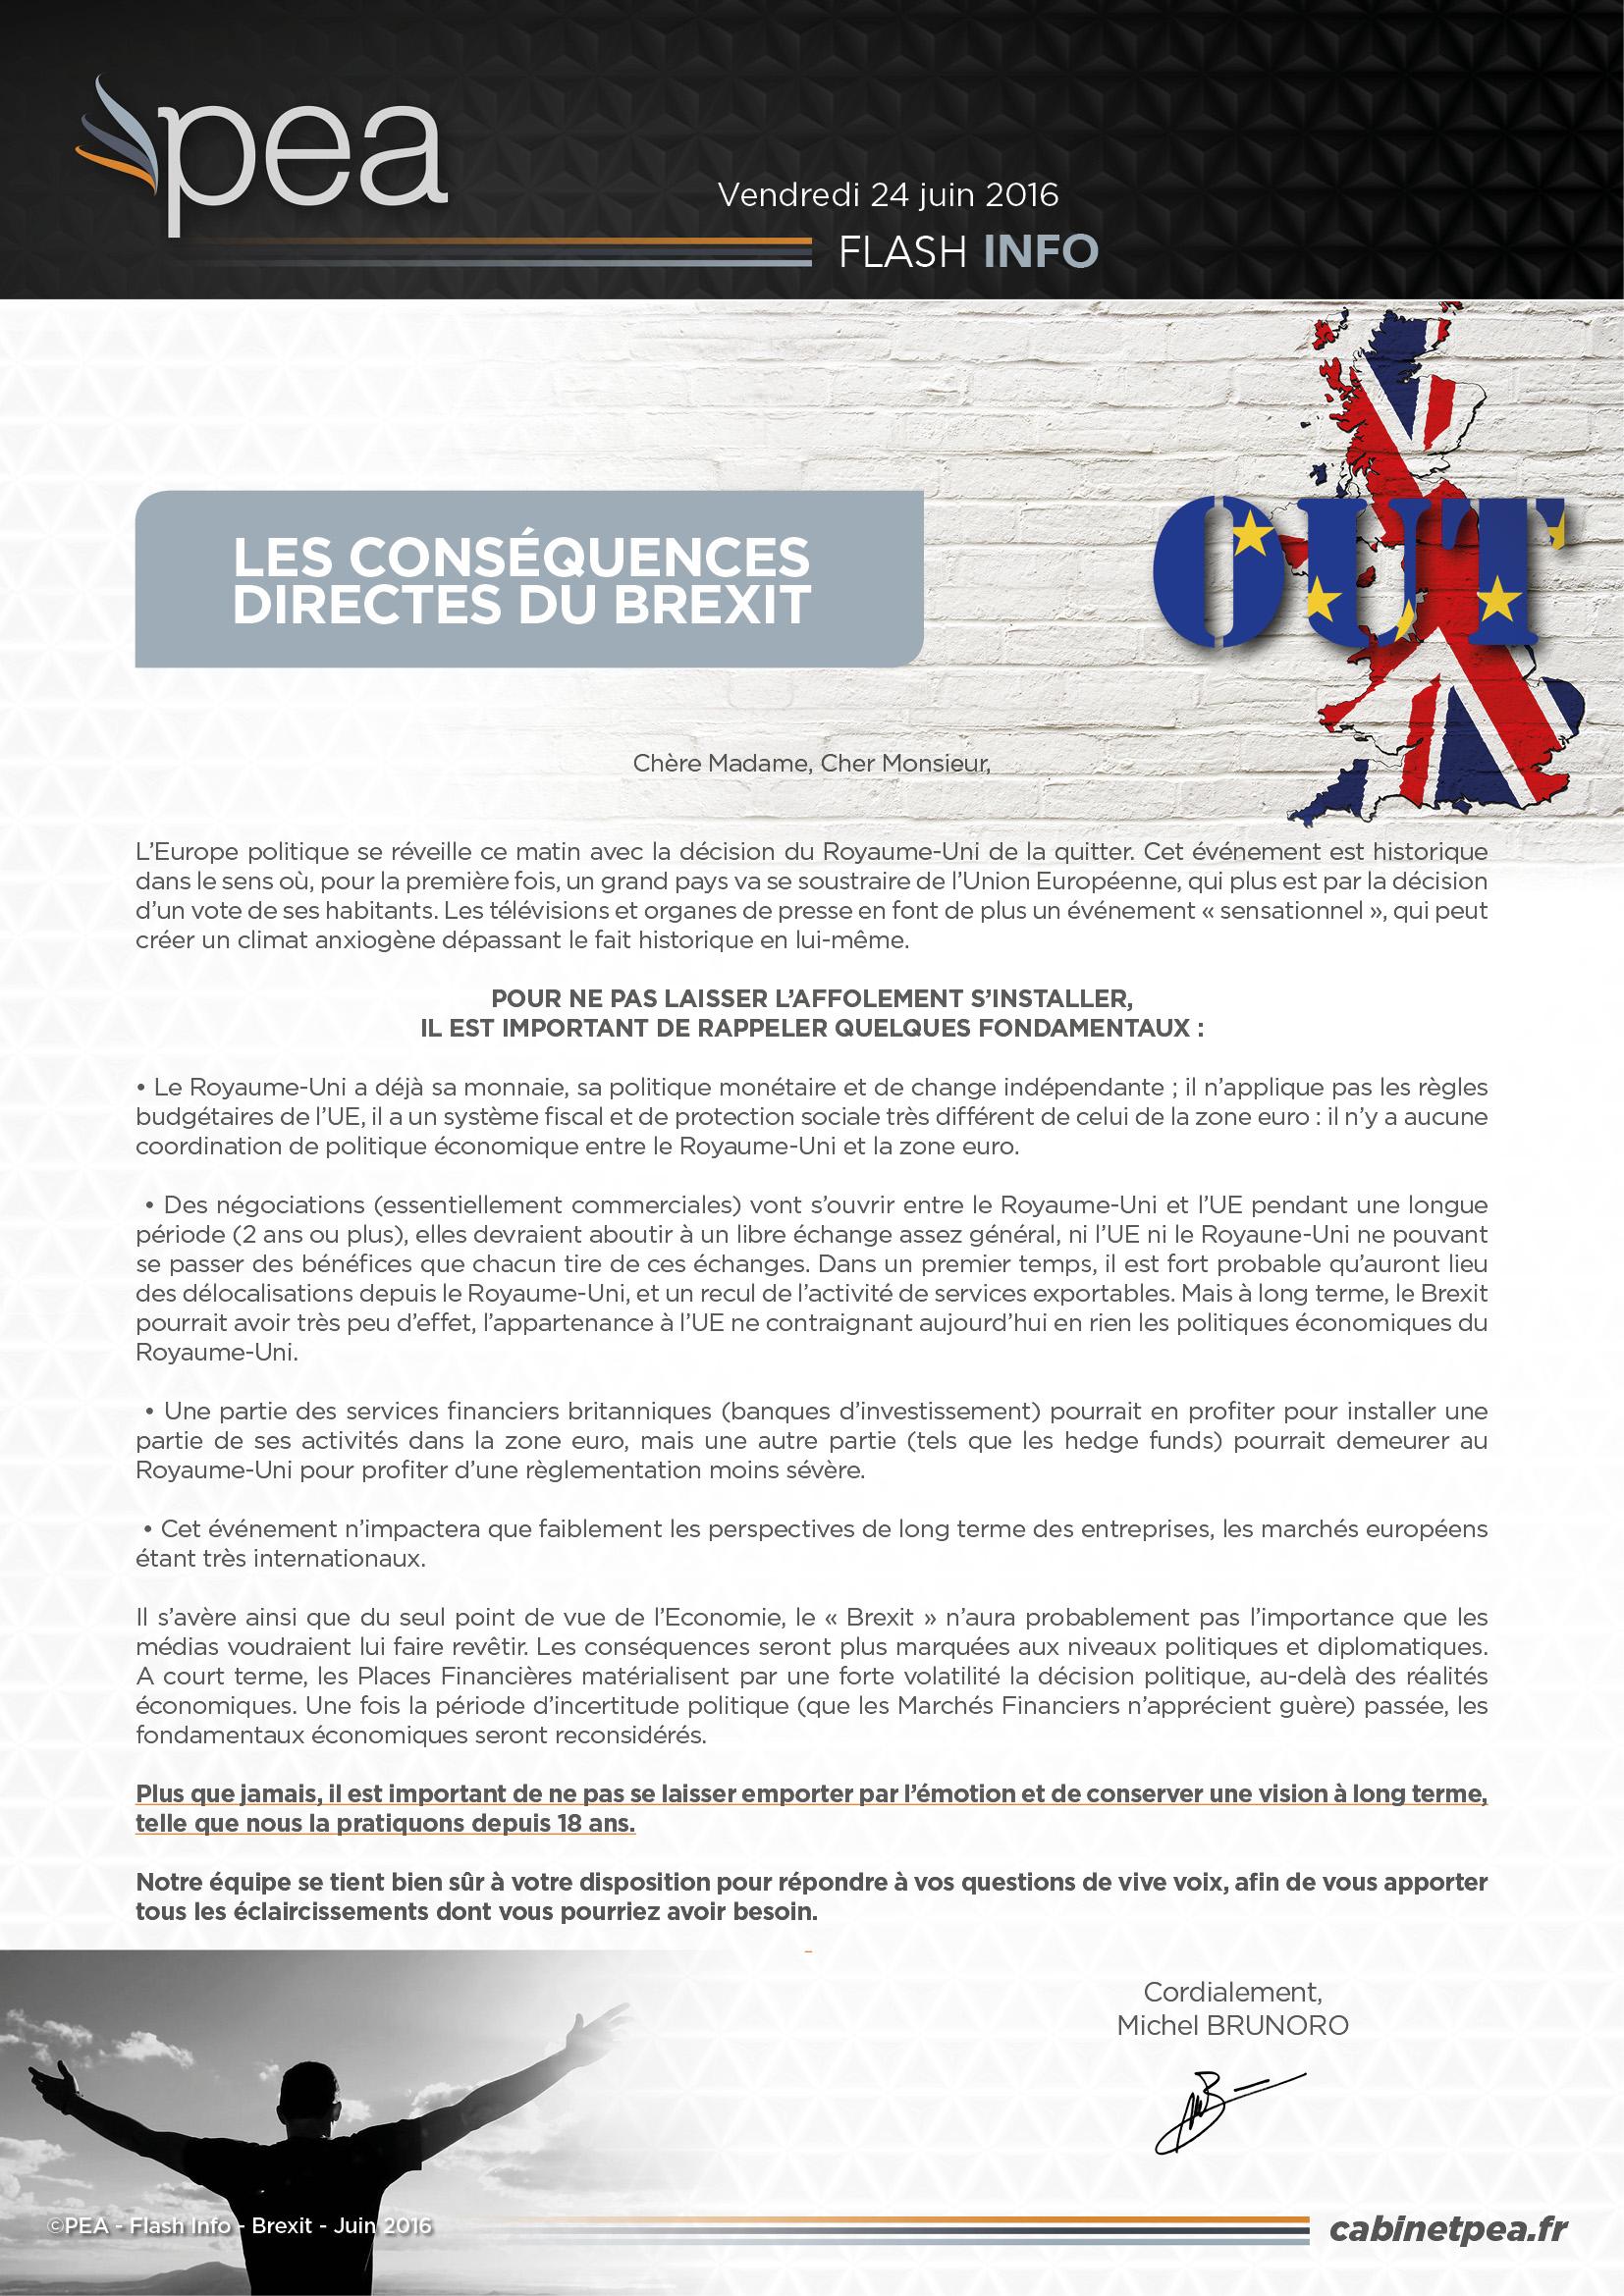 Les conséquences attendues du Brexit